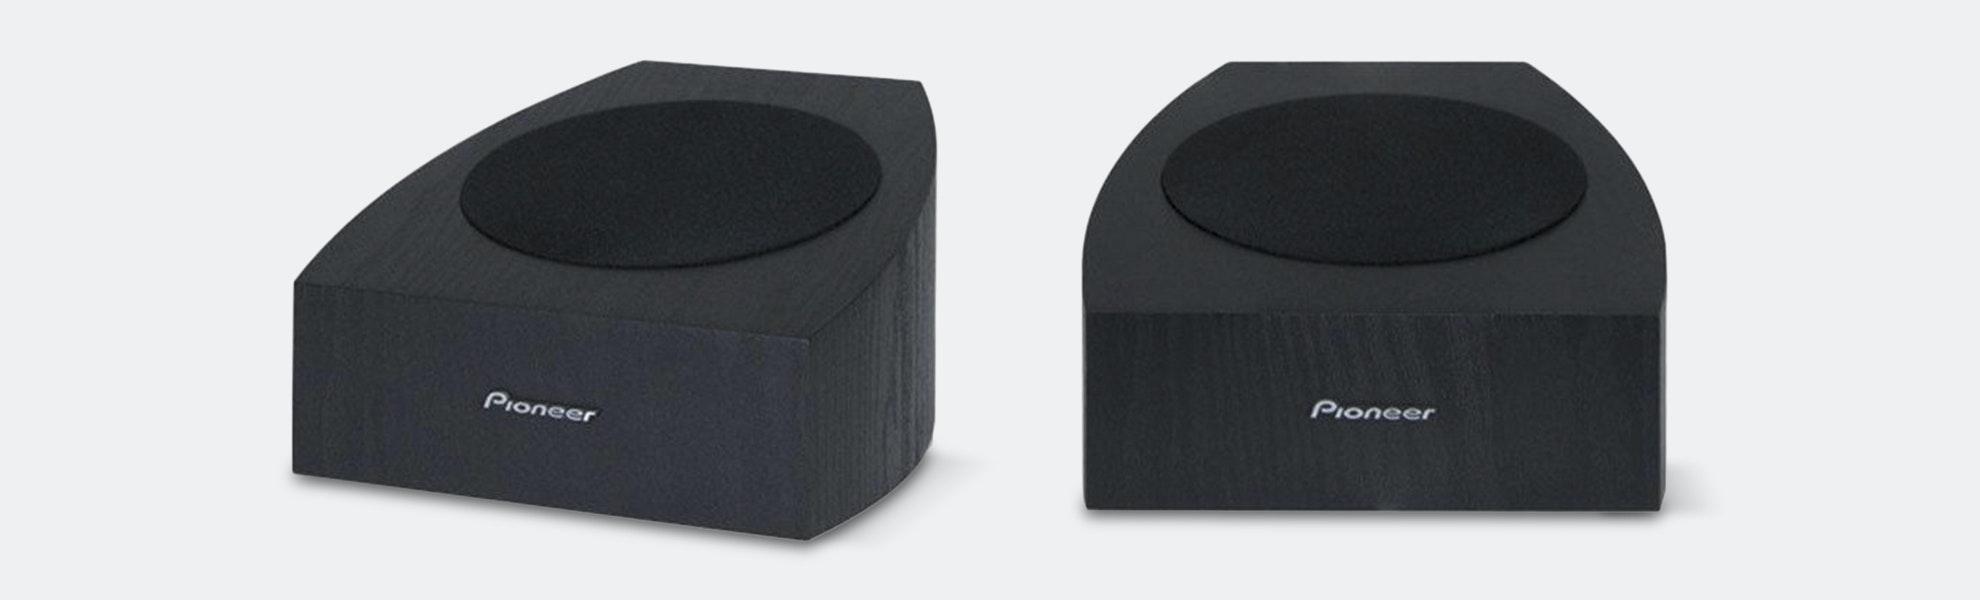 Pioneer Add-On Dolby Atmos Speakers